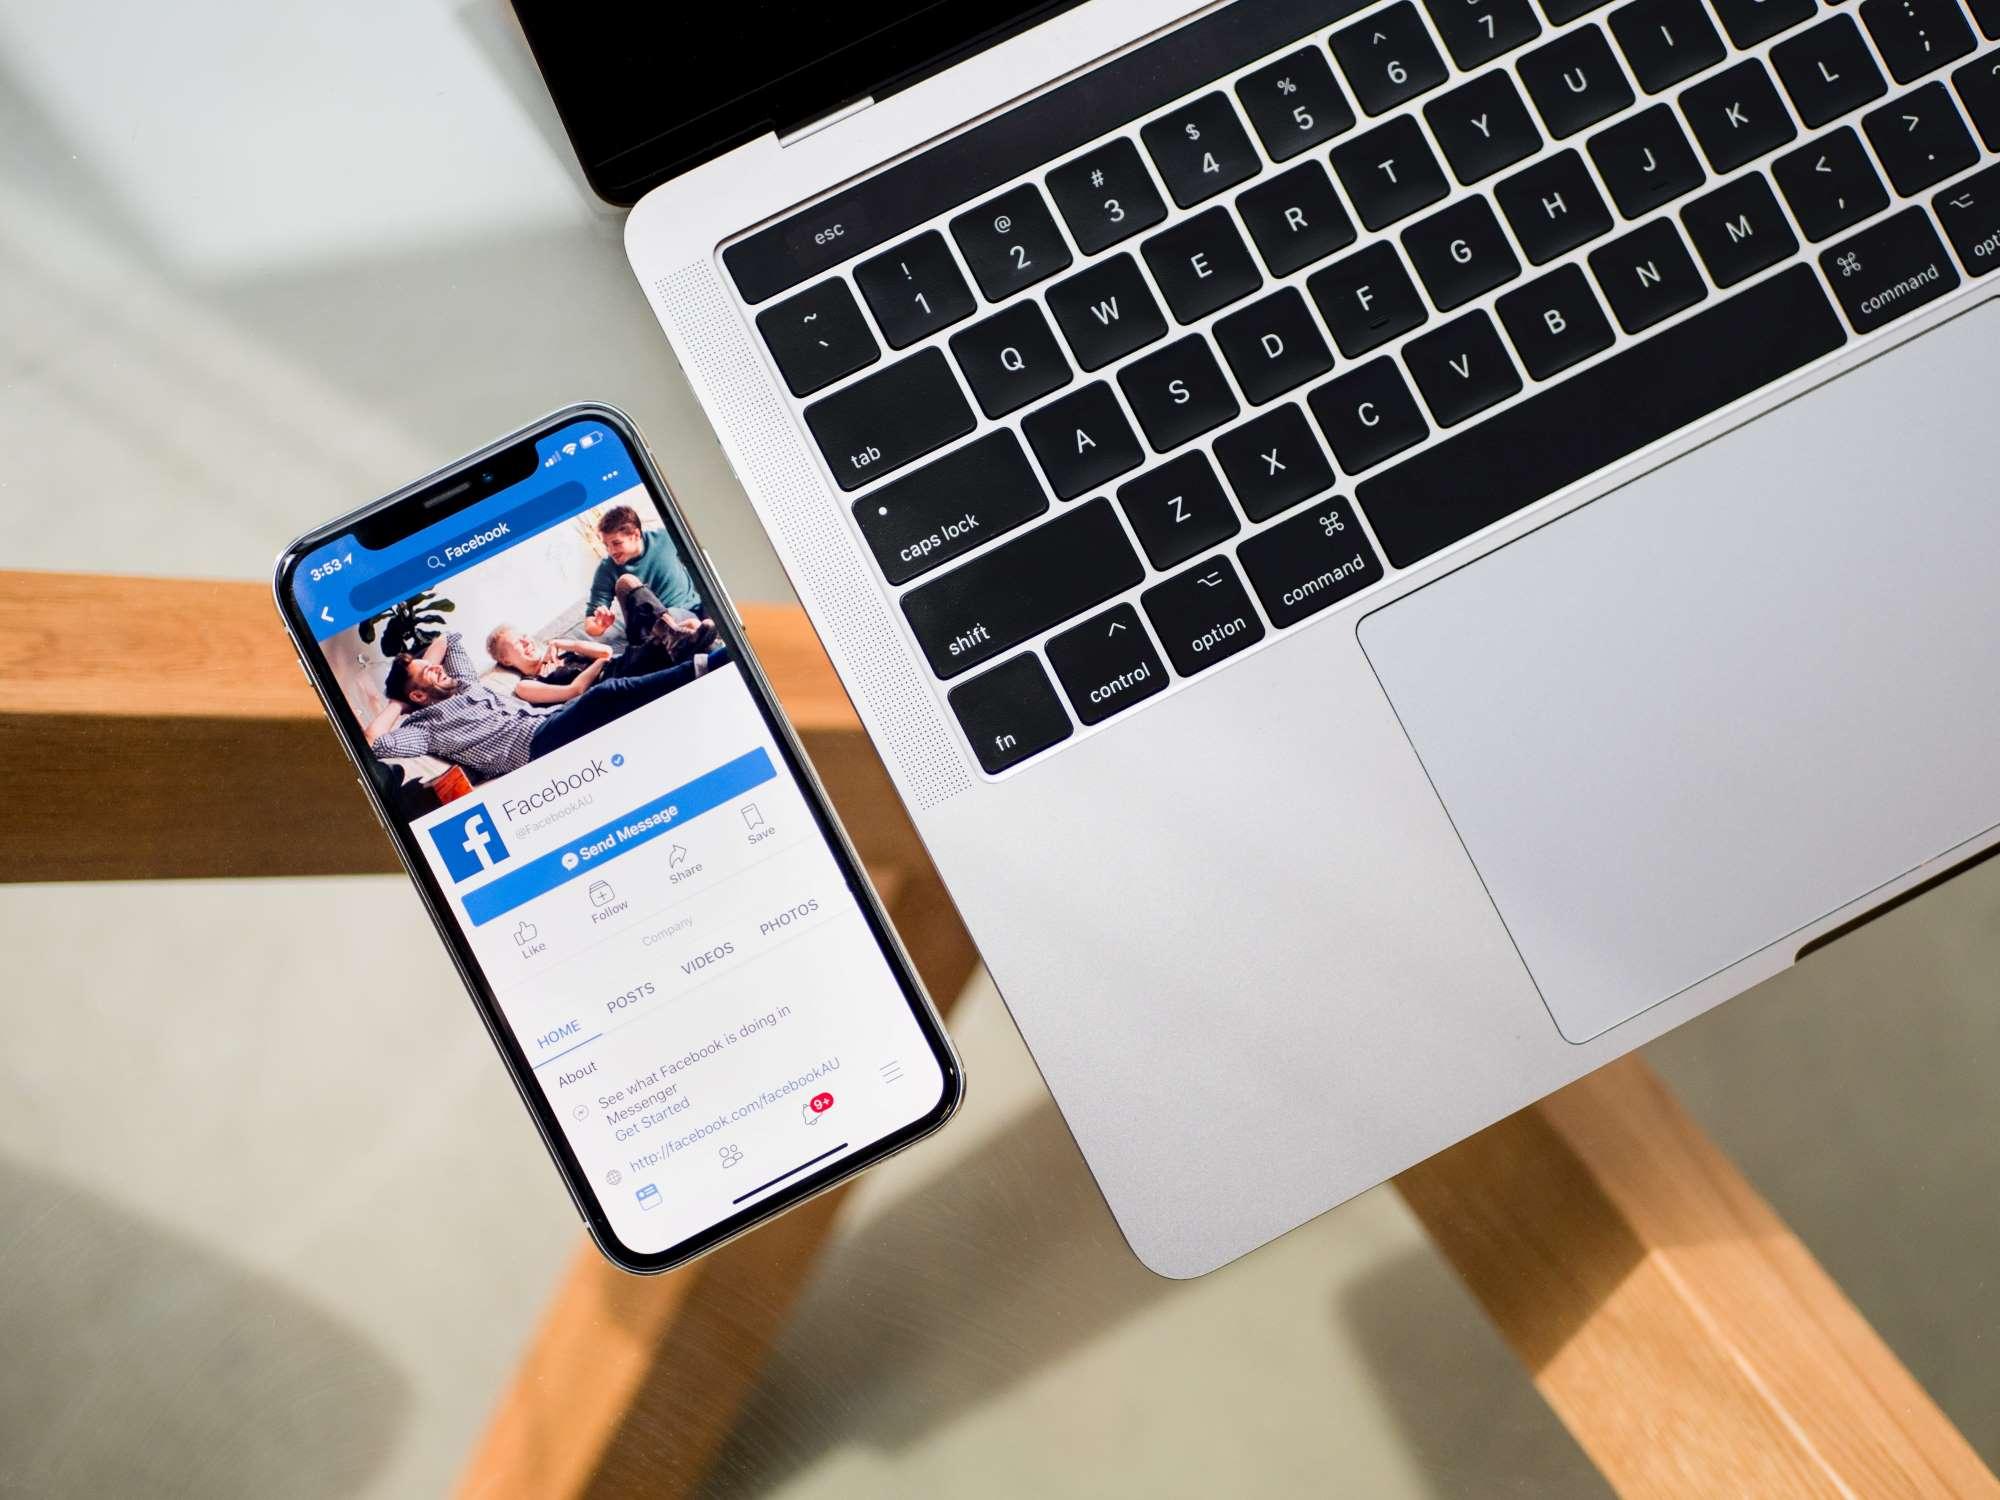 Make a Facebook cover in Canva